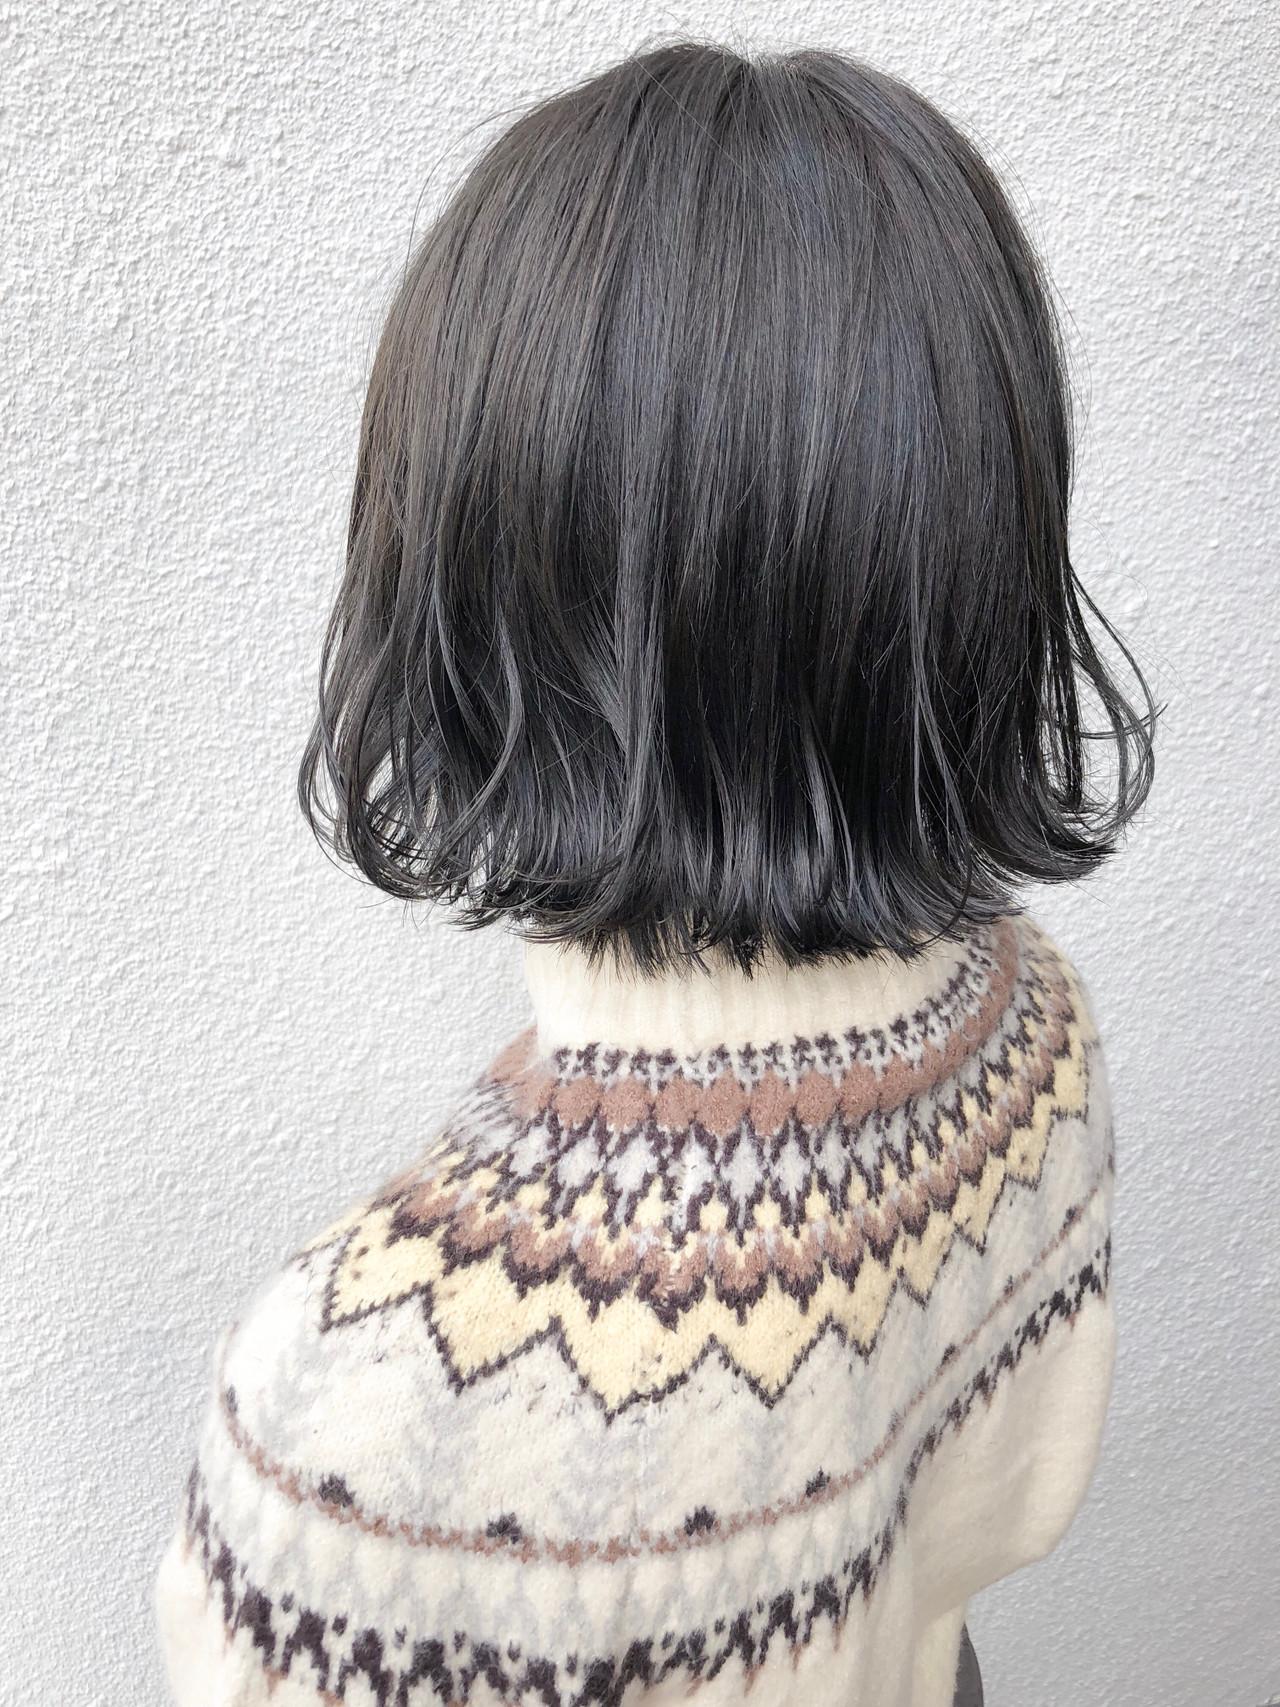 ミニボブ ナチュラル ショートボブ 外ハネボブ ヘアスタイルや髪型の写真・画像 | 篠田 雅樹 / Ame briller 【アムブリエ】